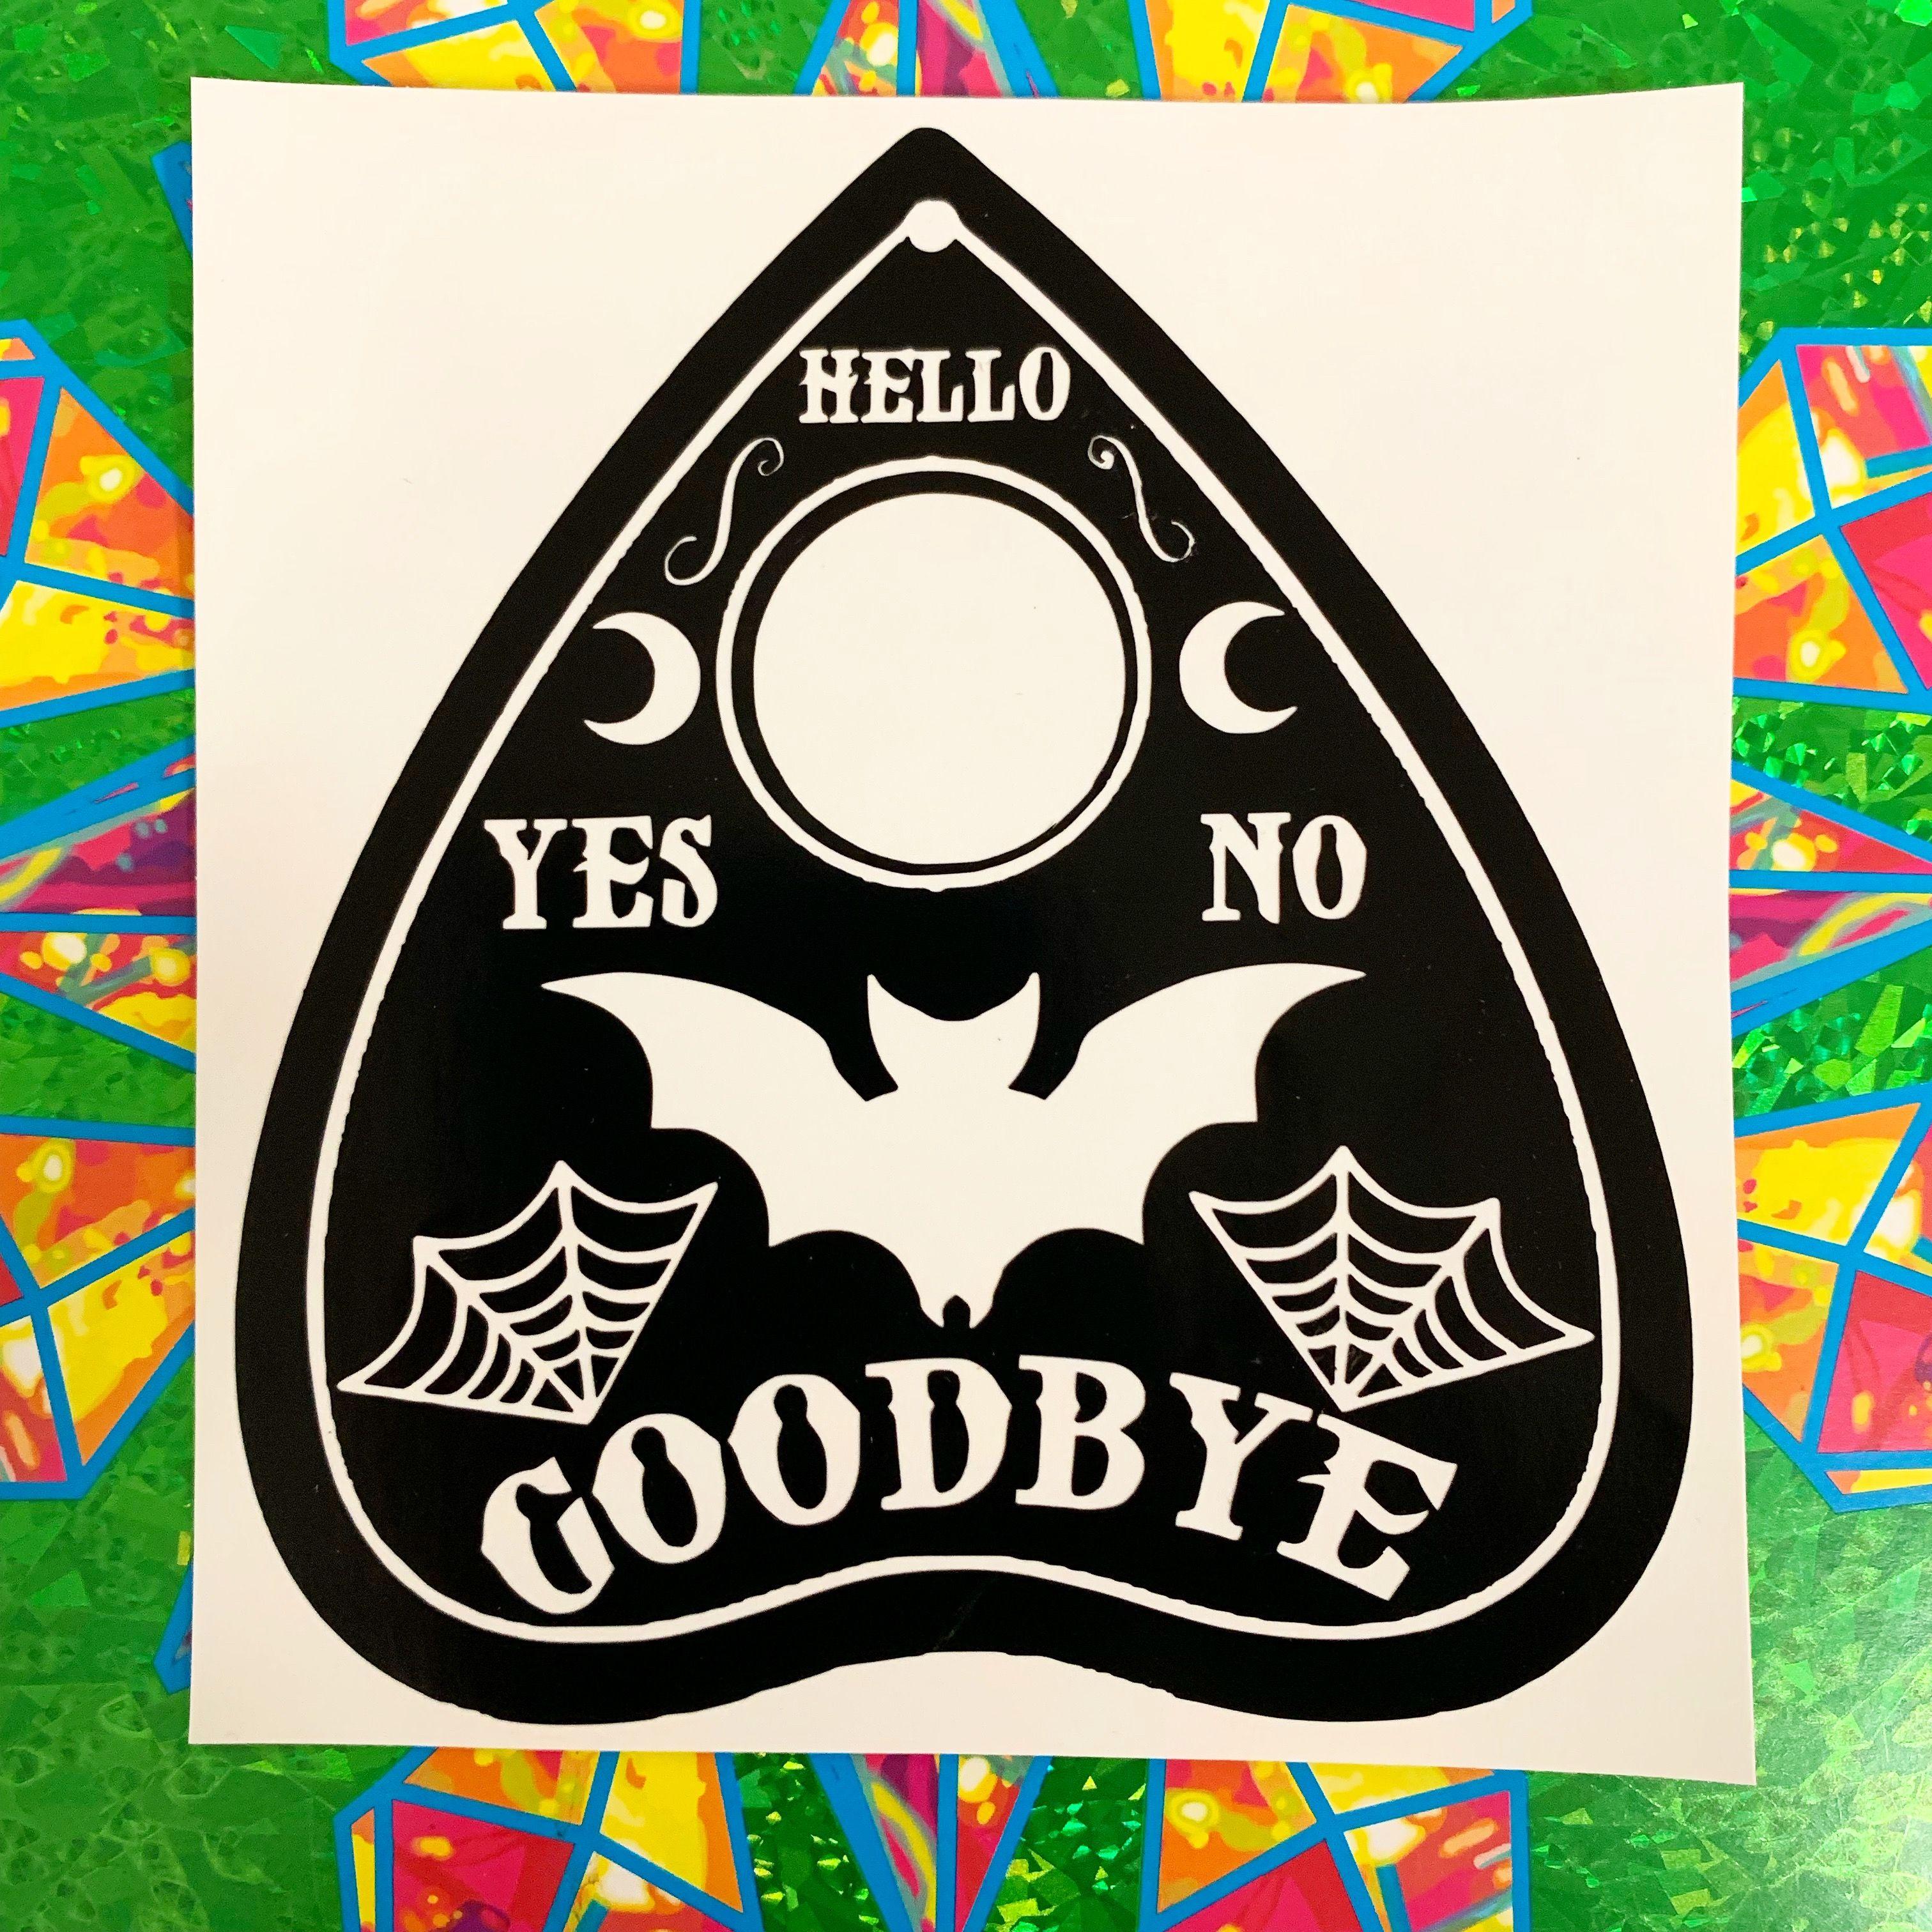 Ouija Bat Planchette Sticker Decal Vinyl Decals Vinyl Sticker Cricut Vinyl